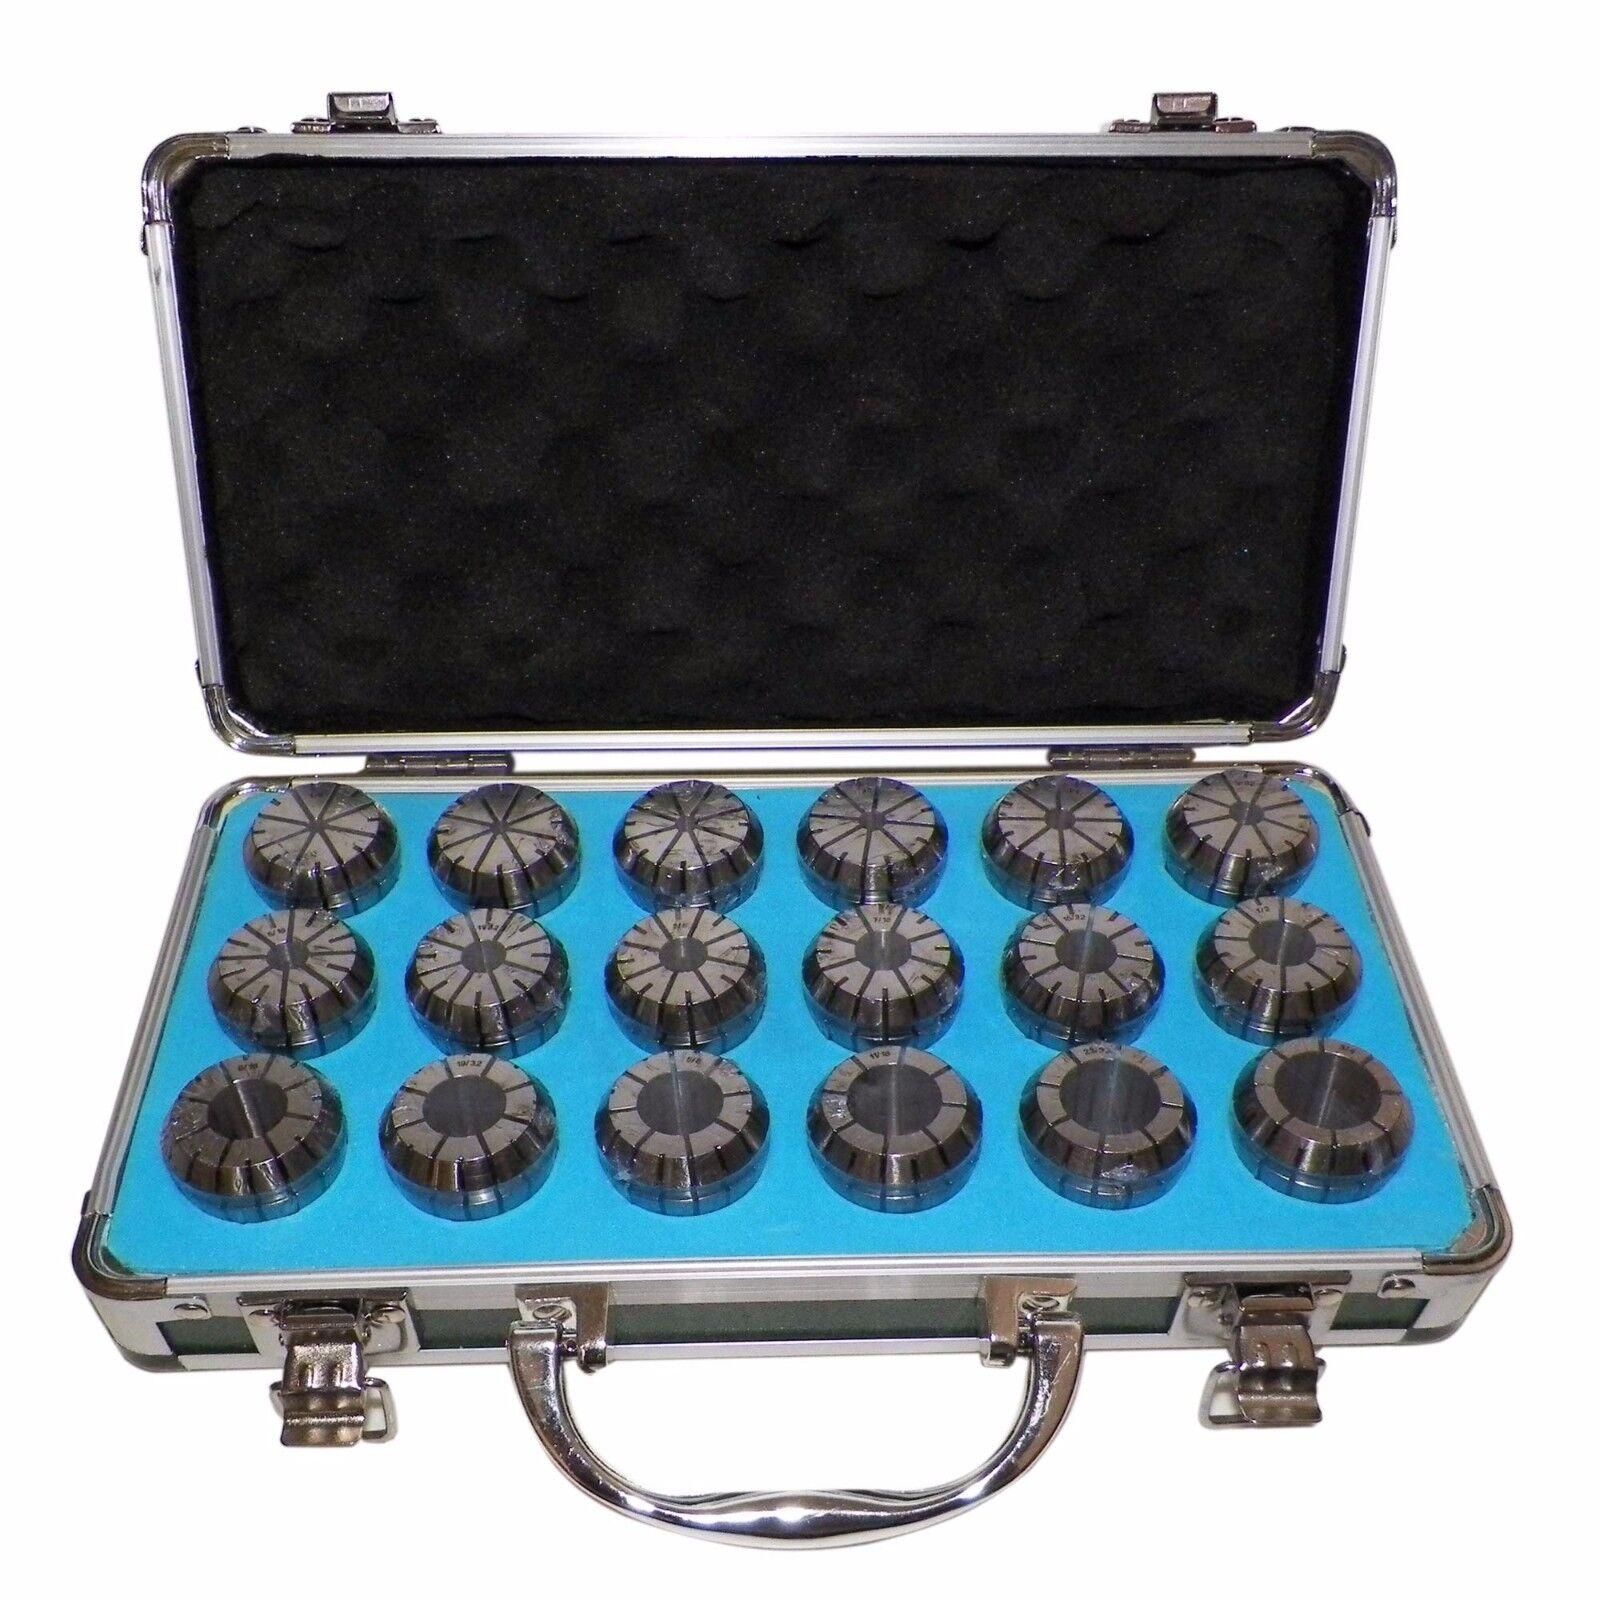 ER32 Spannzangen Set 0.3cm bis 1.9cm (18 Teile) Prime Qualität Geprüft Rennen